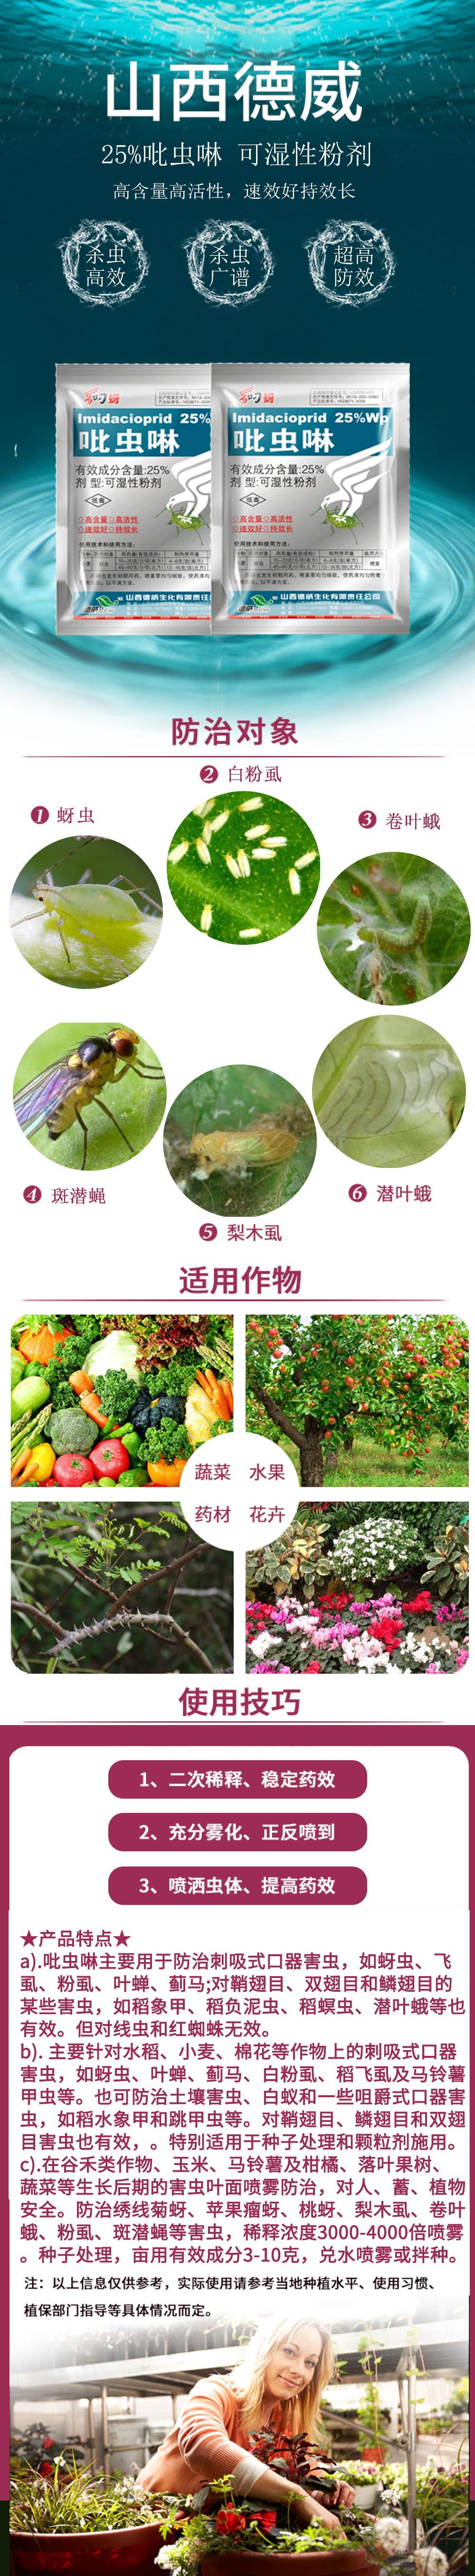 25%吡虫啉商详_看图王.jpg